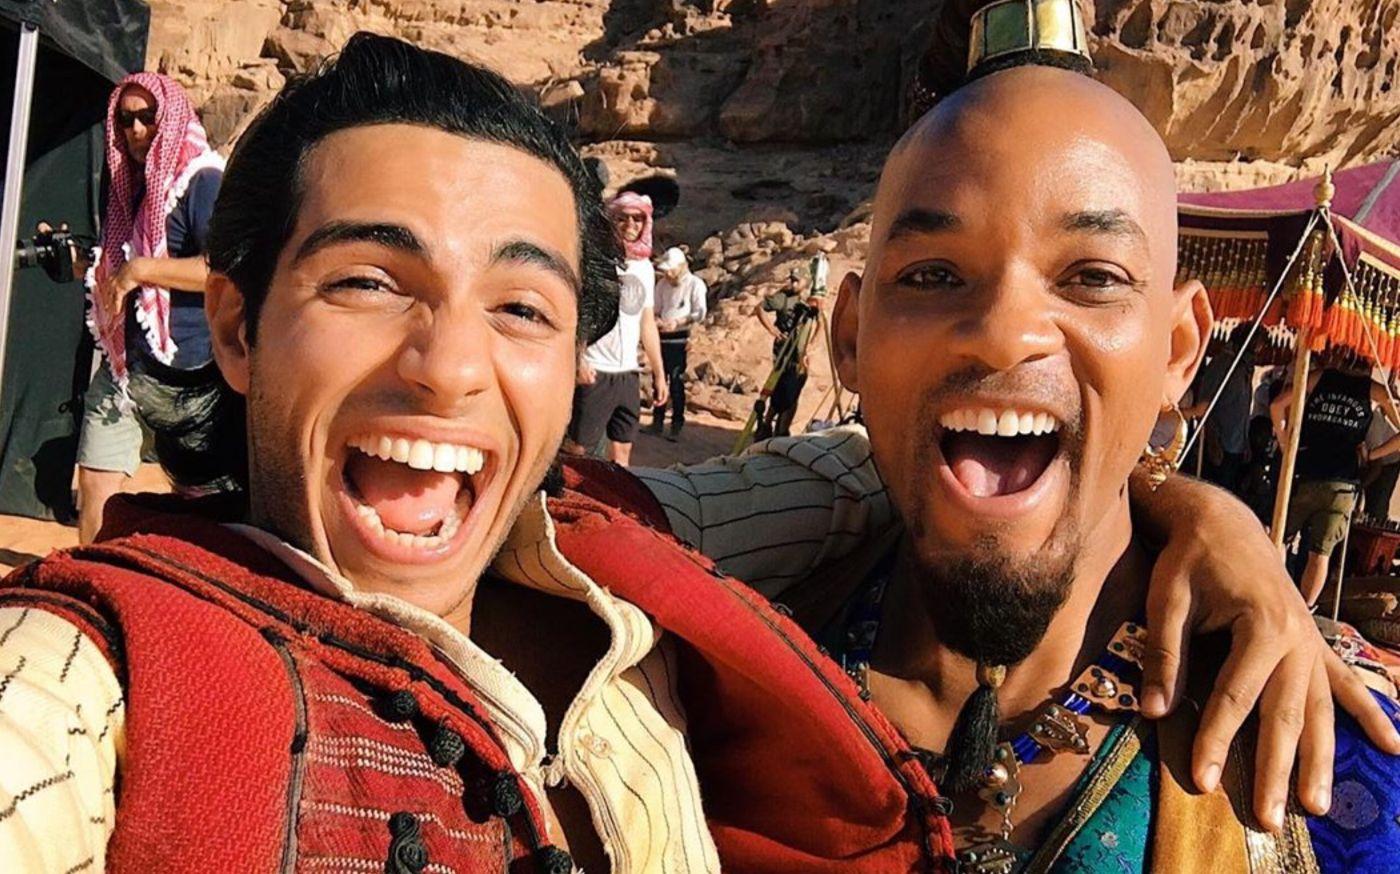 제대로 터졌다! 영화 '알라딘'이 입소문을 타고 흥행 역주행 돌풍을 일으키고 있는 이유를 모아봤다.